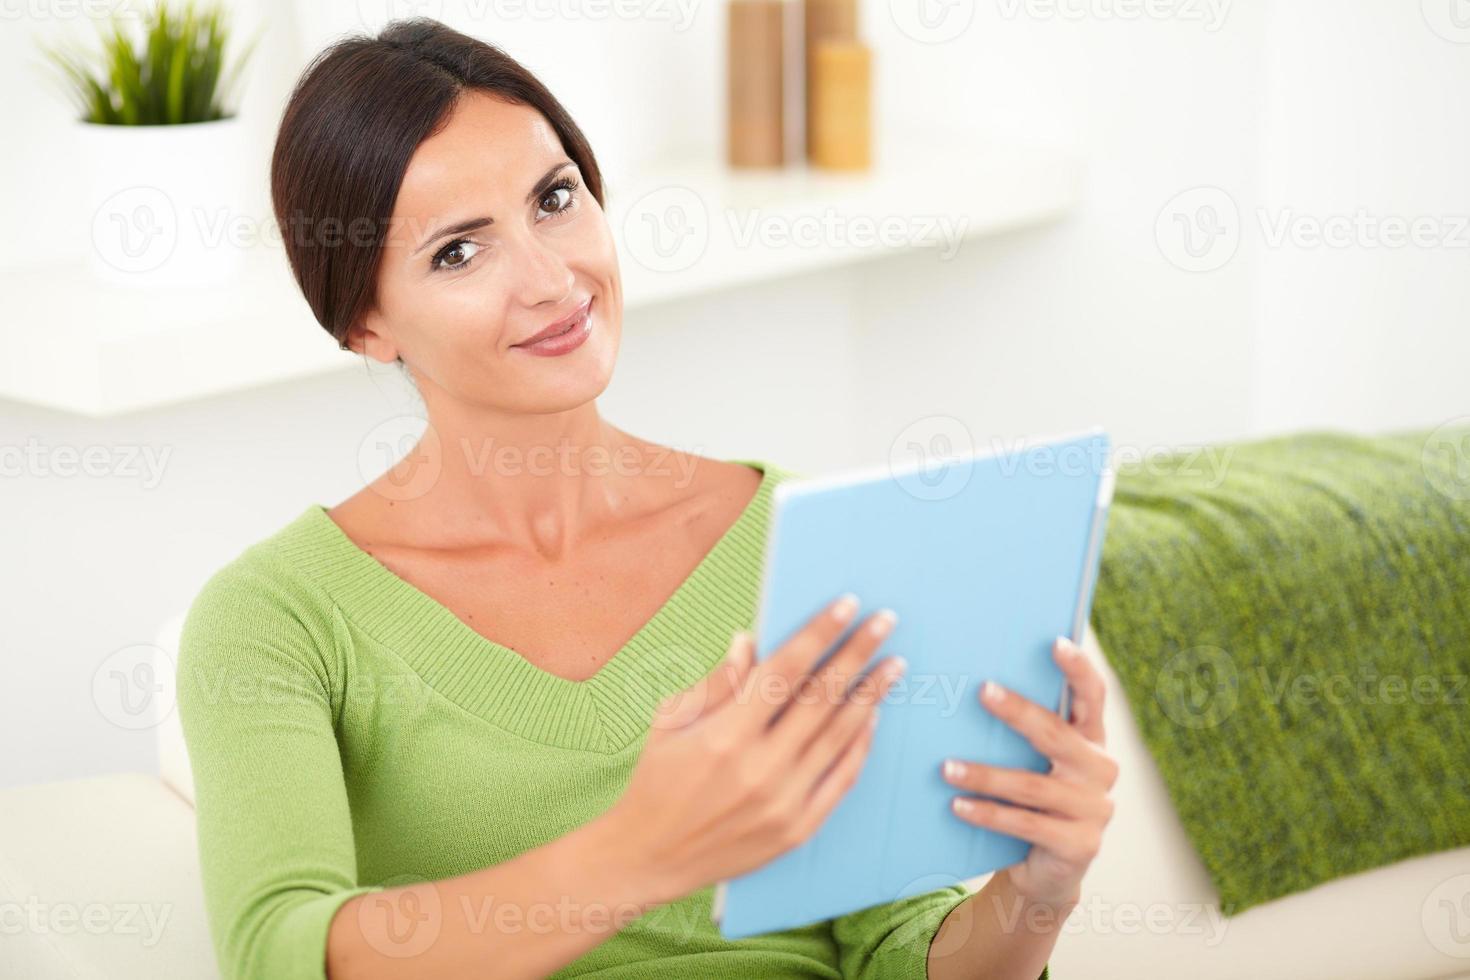 jovem mulher caucasiana, segurando um tablet foto